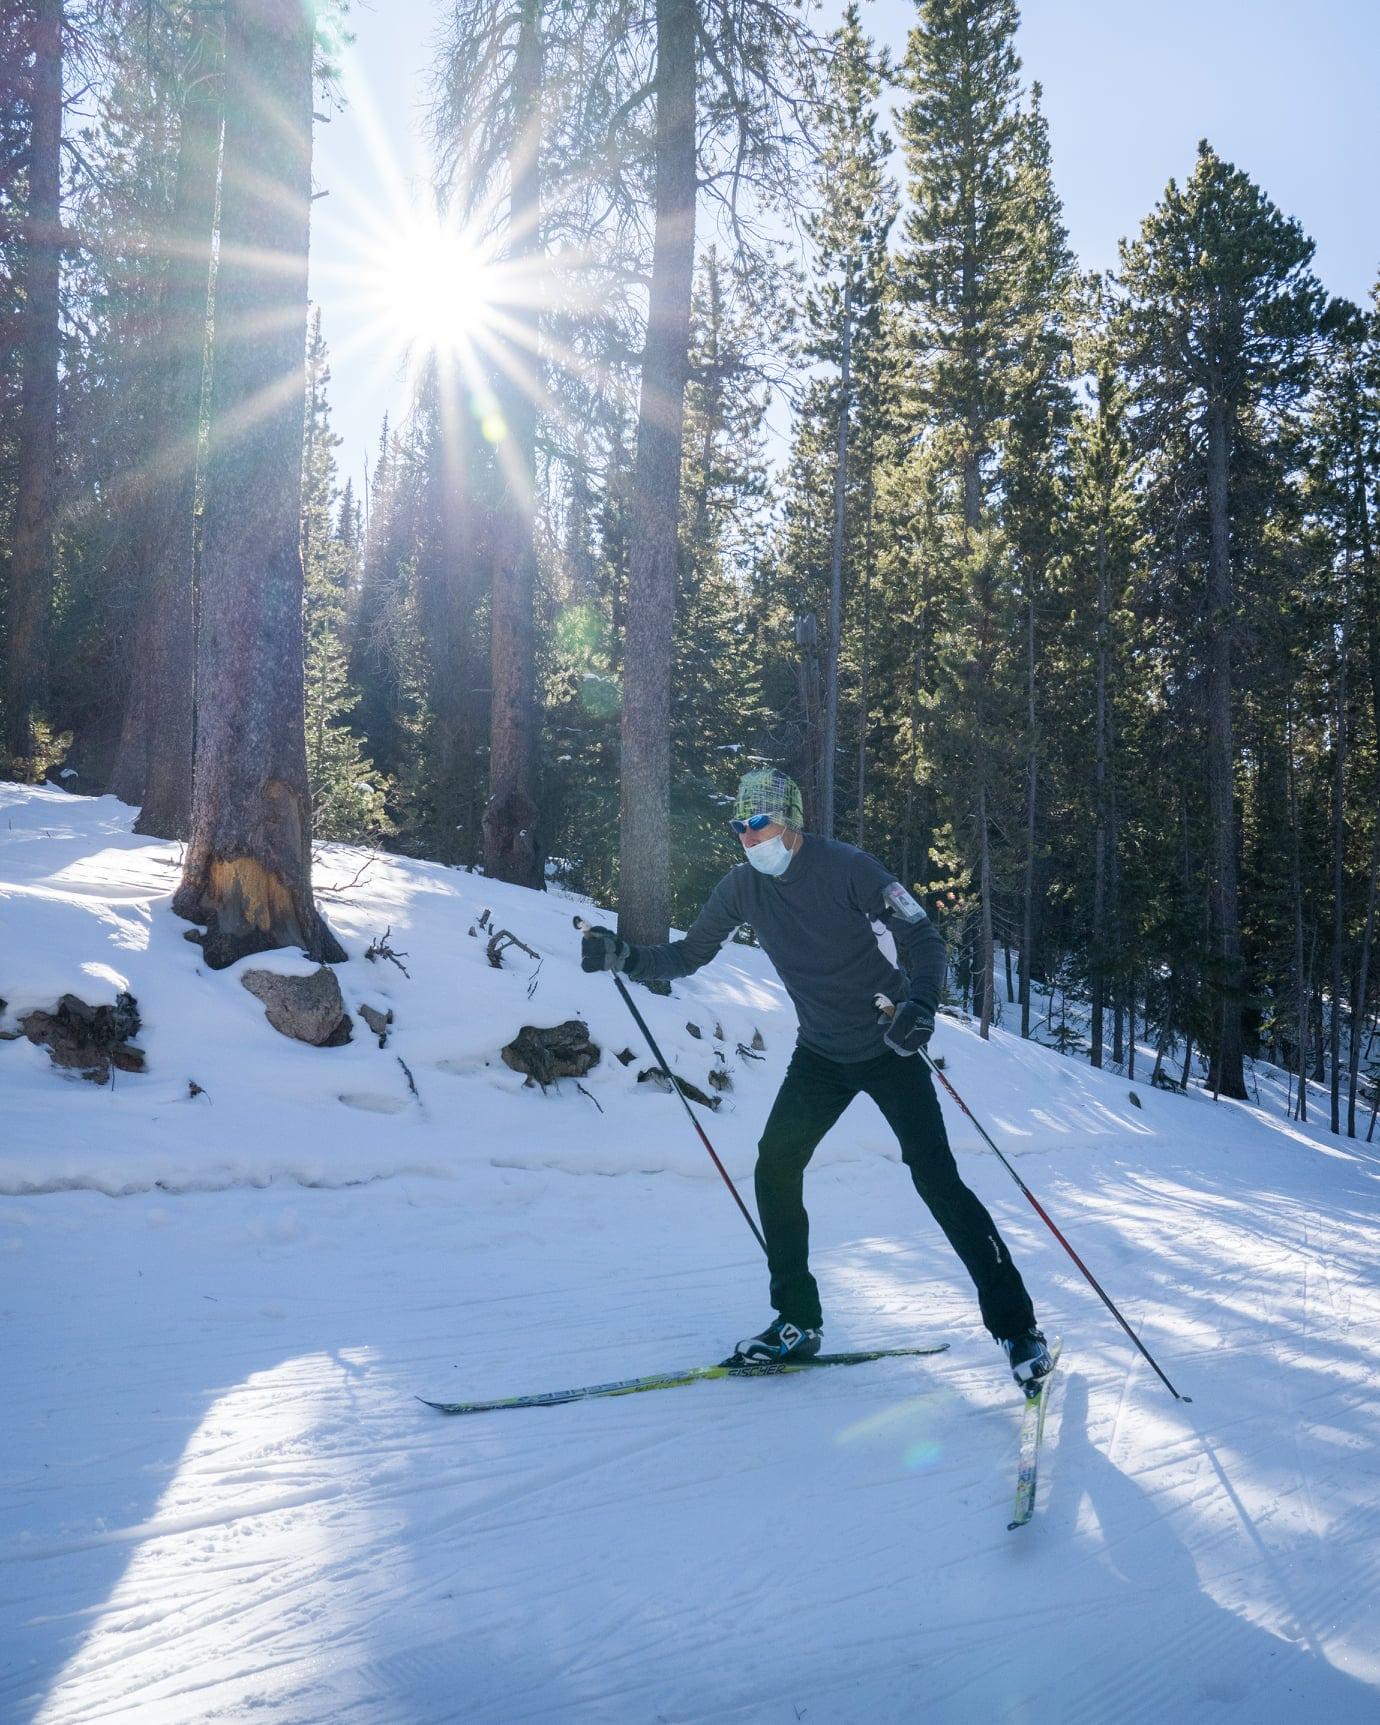 gambar pemain ski nordic